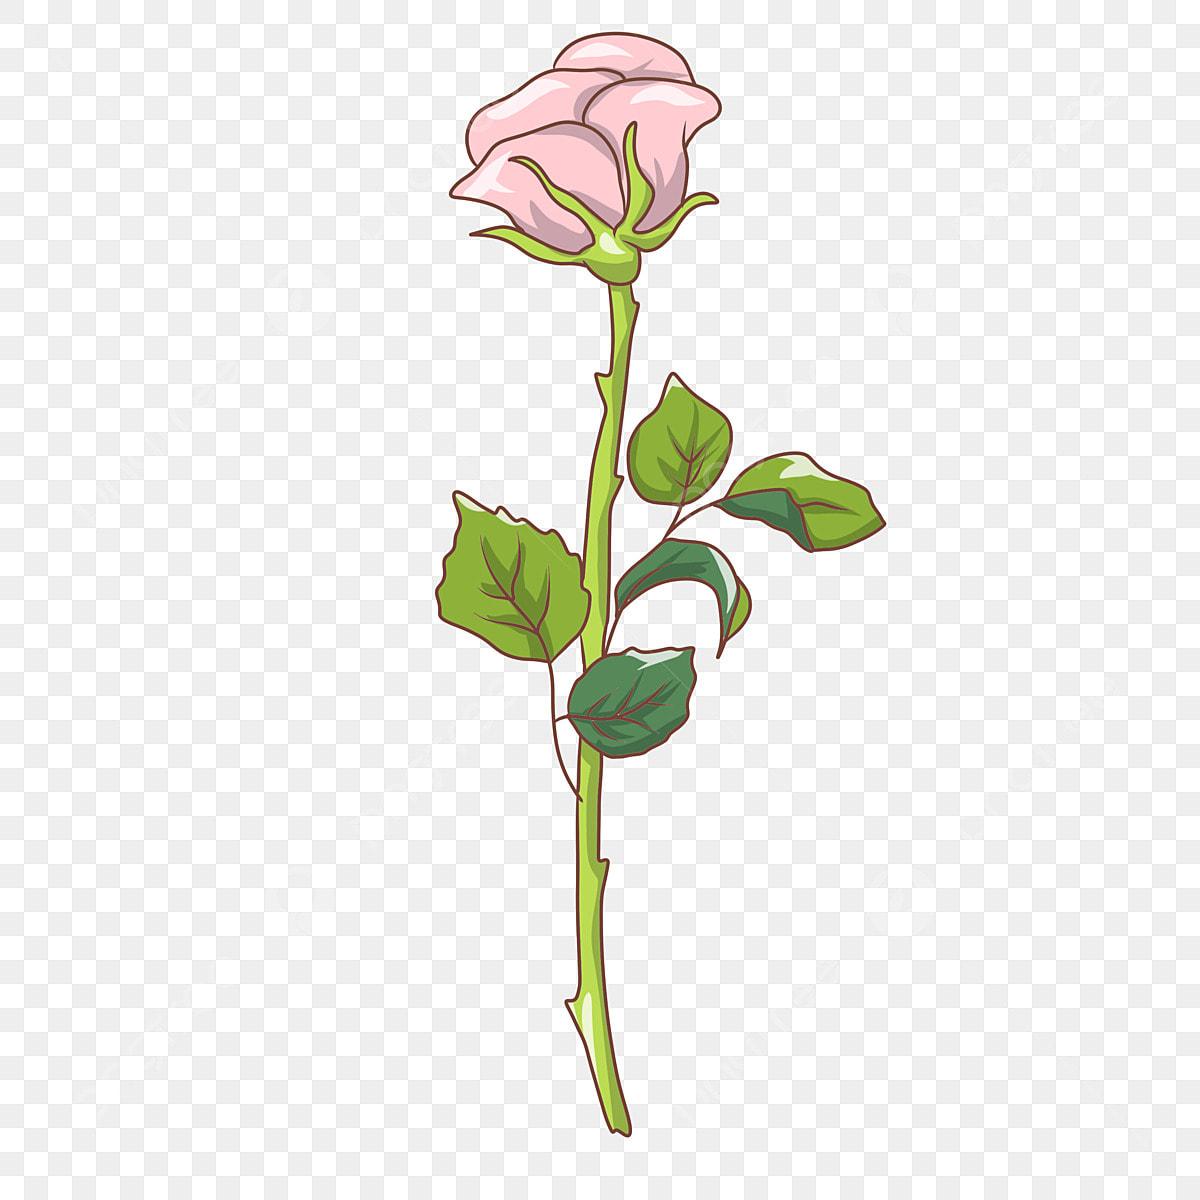 ورود الورود الأرجواني ورود جميلة روز زهرة الديكور Png وملف Psd للتحميل مجانا